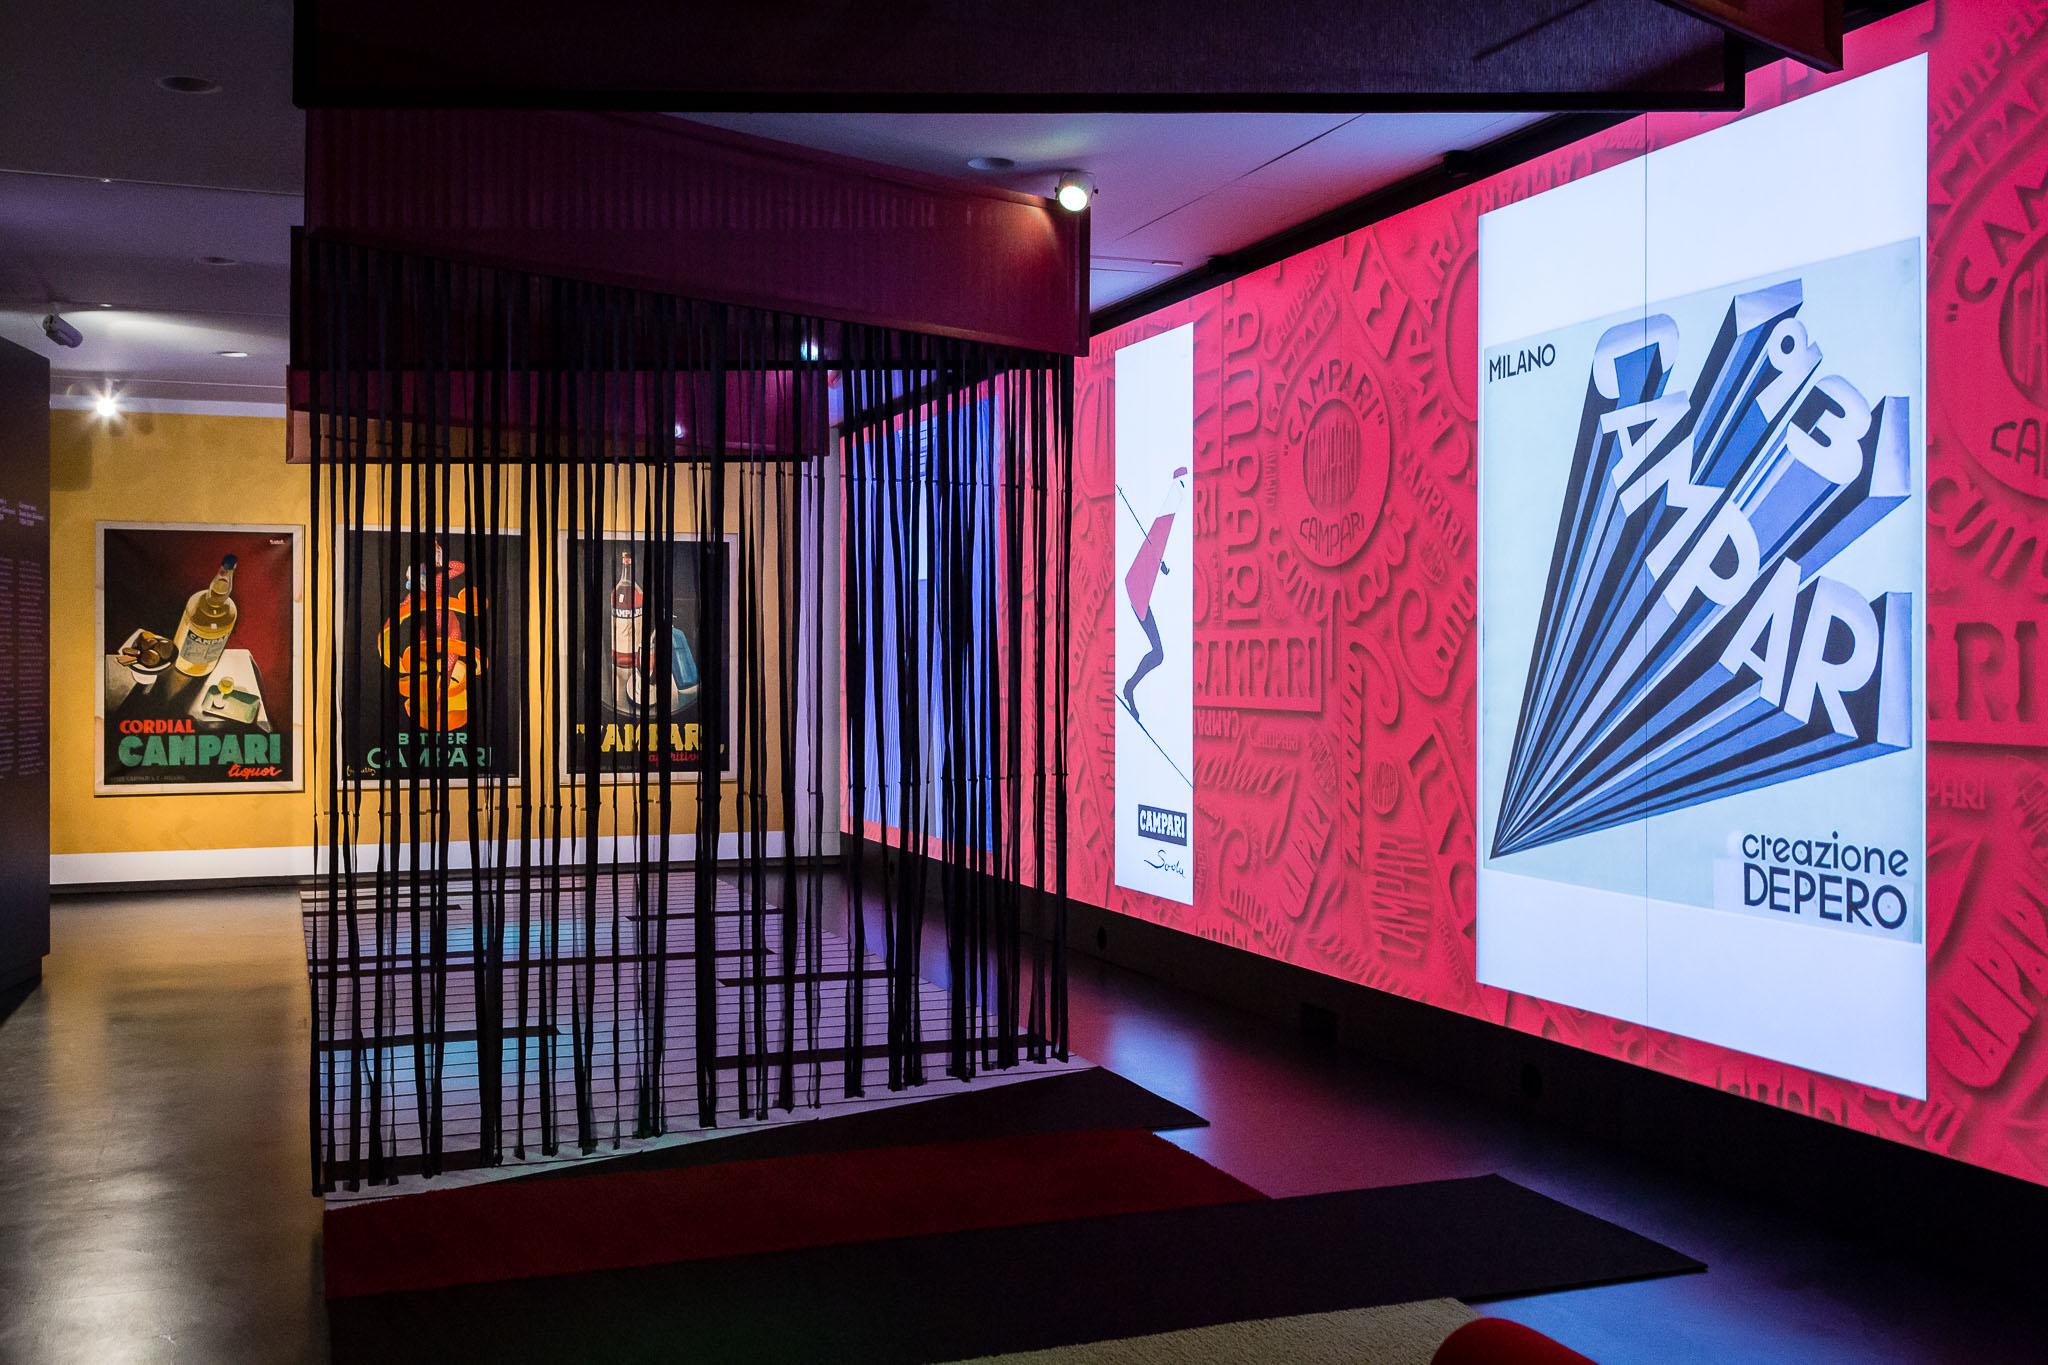 Galleria Campari Room Manifesti Depero LoveITALIA